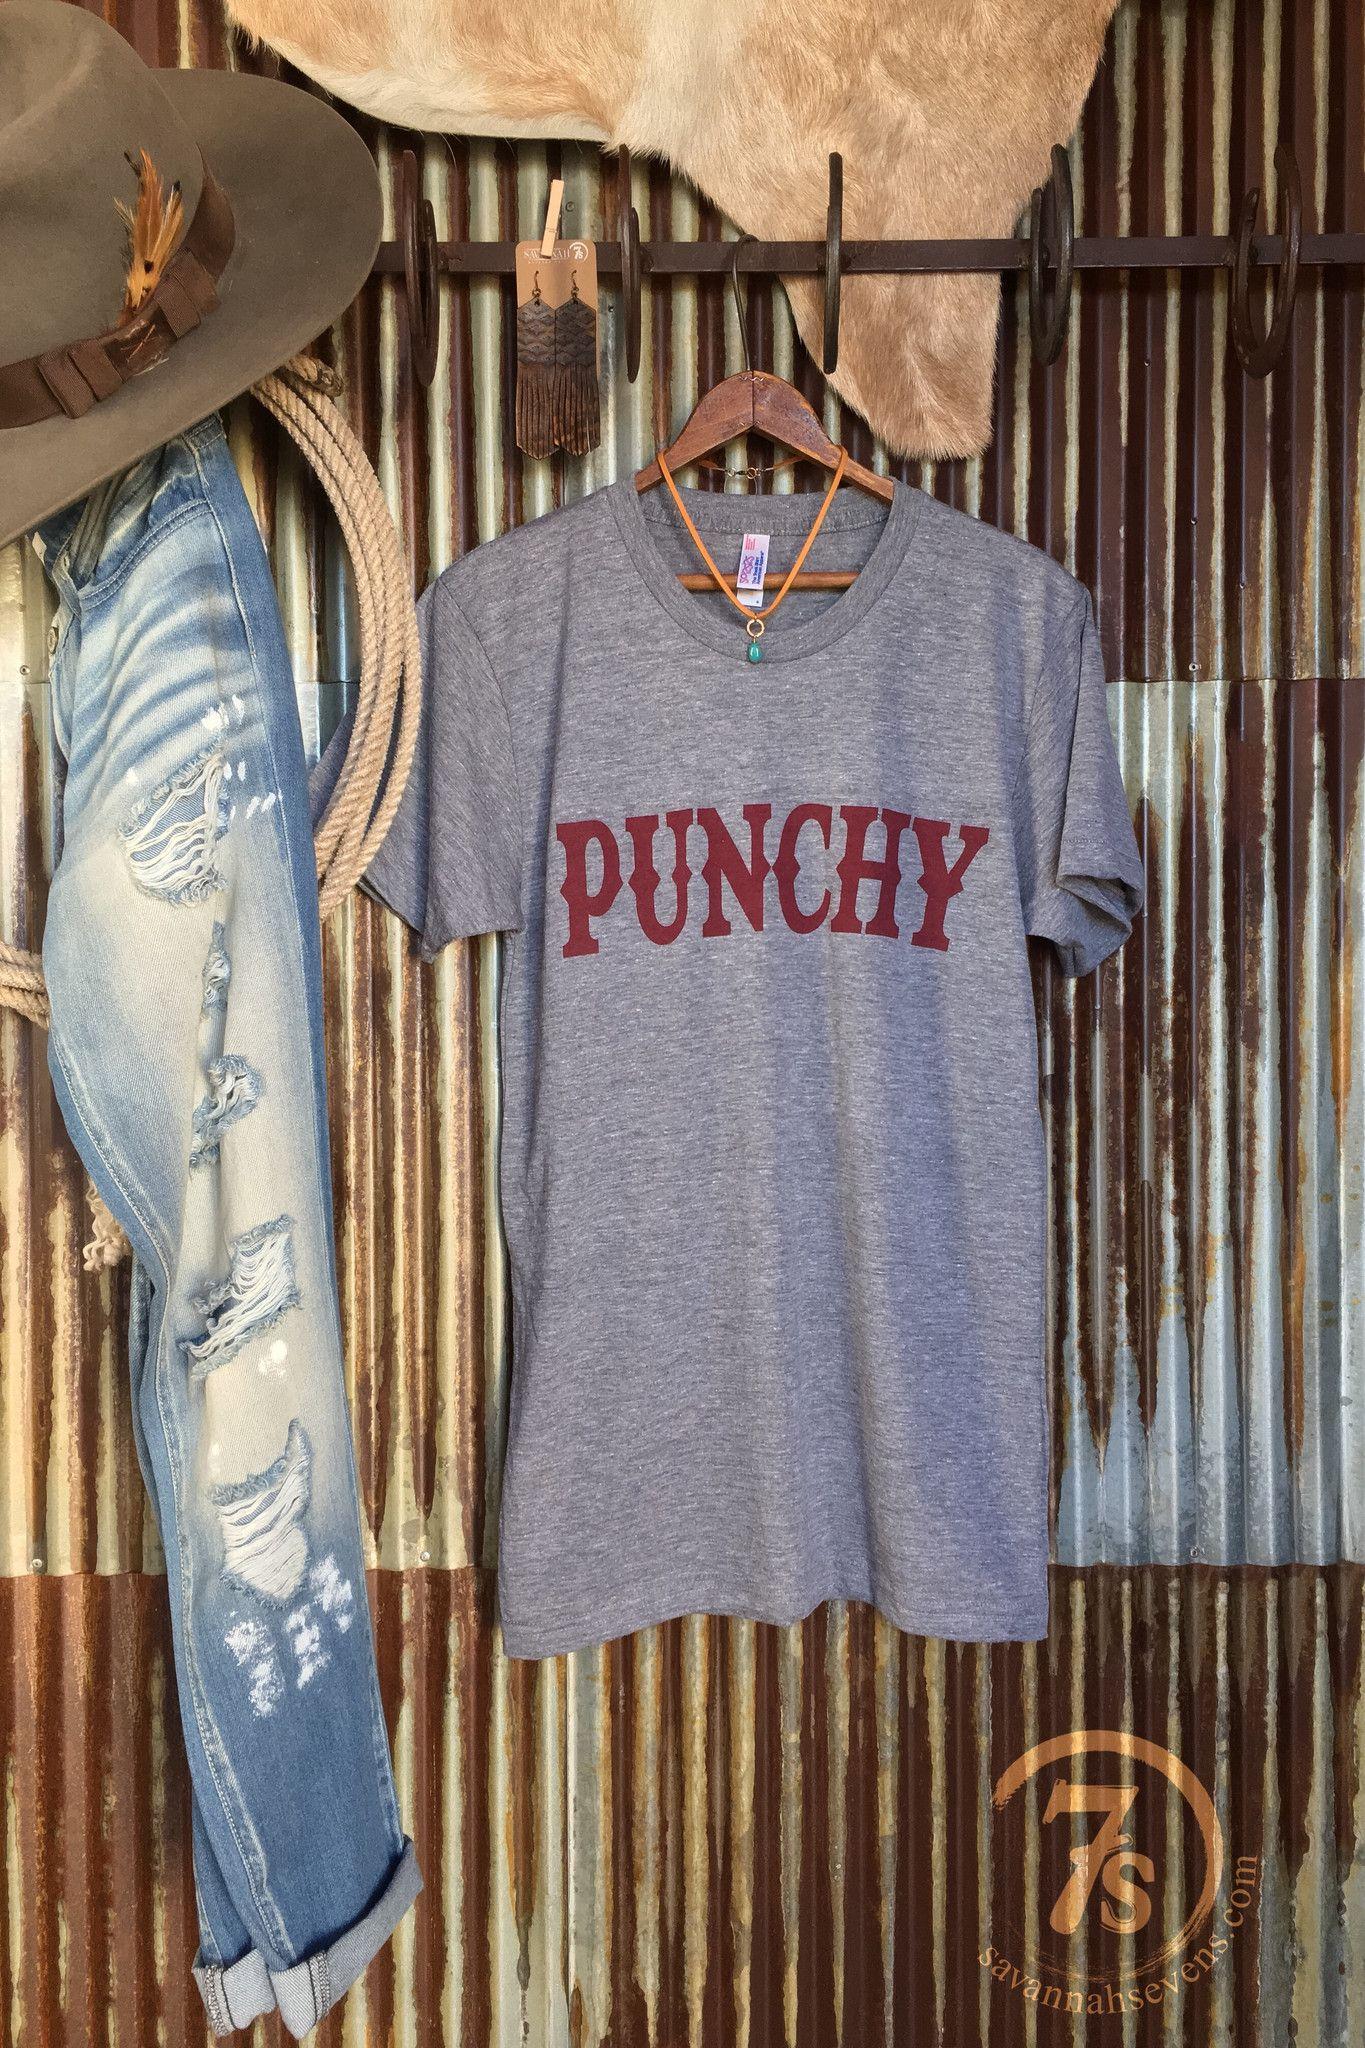 9a8a8de69 The Punchy-